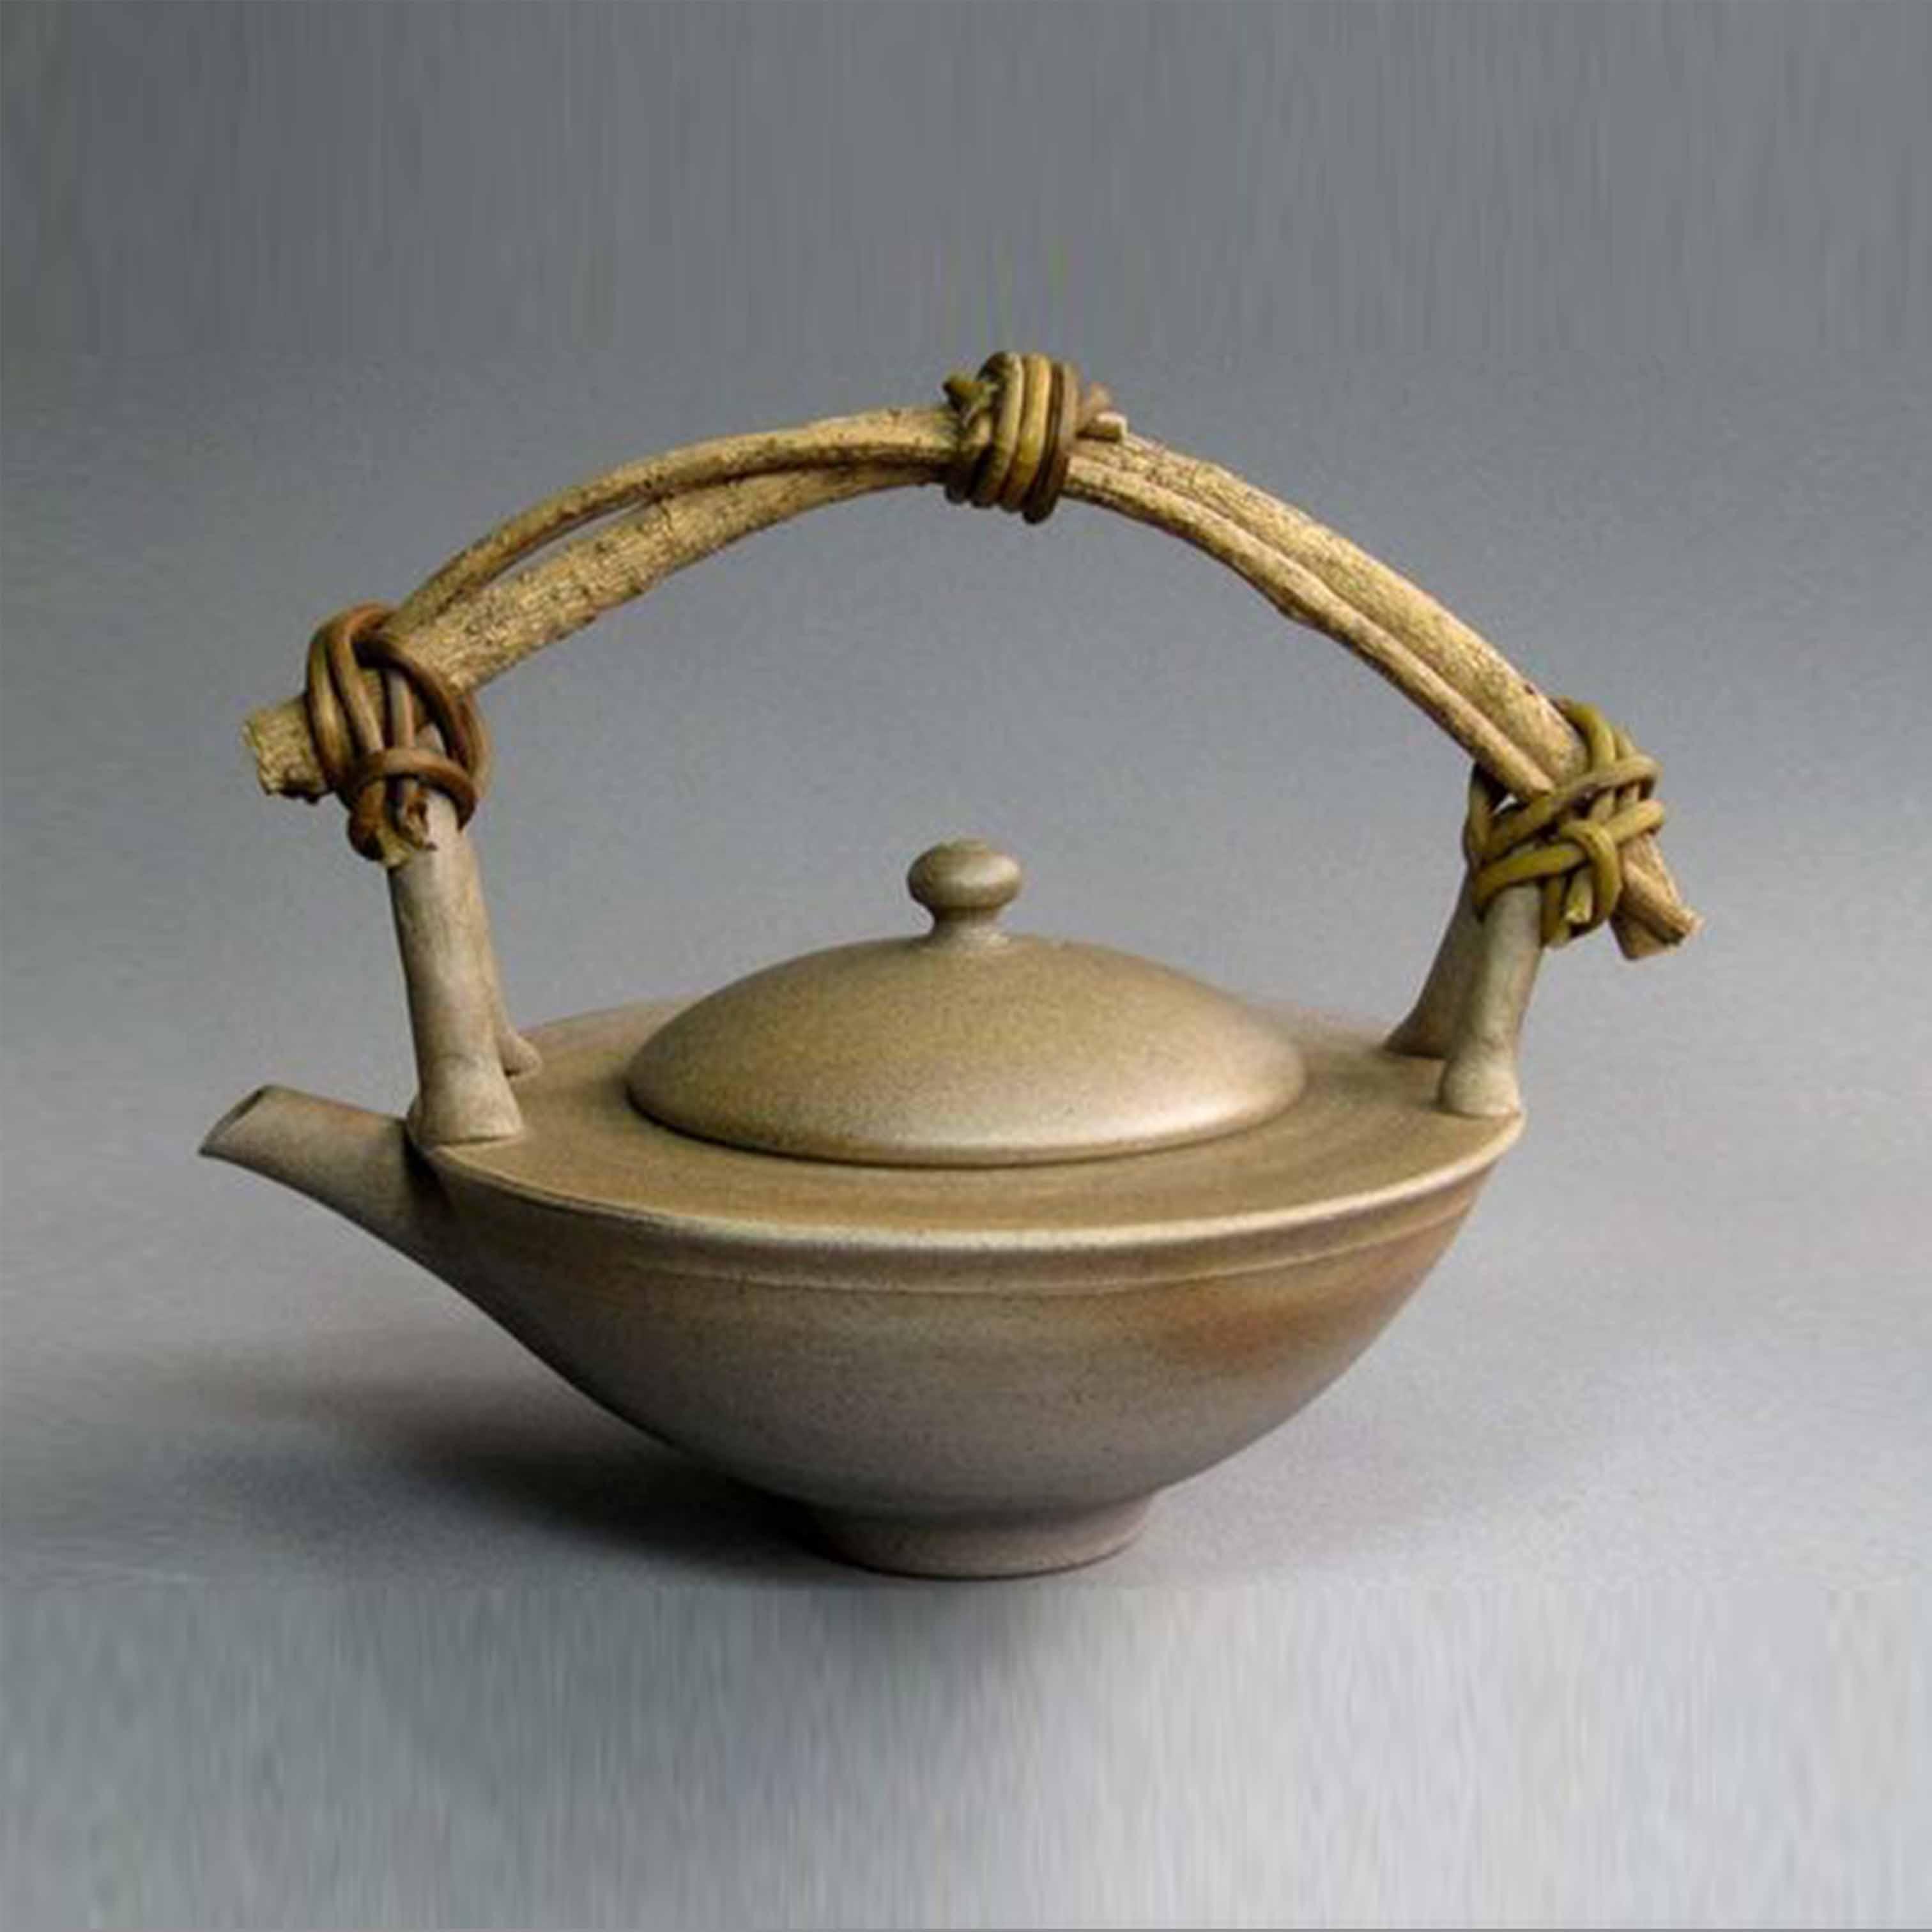 Bình trà gốm sứ trang trí - DTT37LHFU